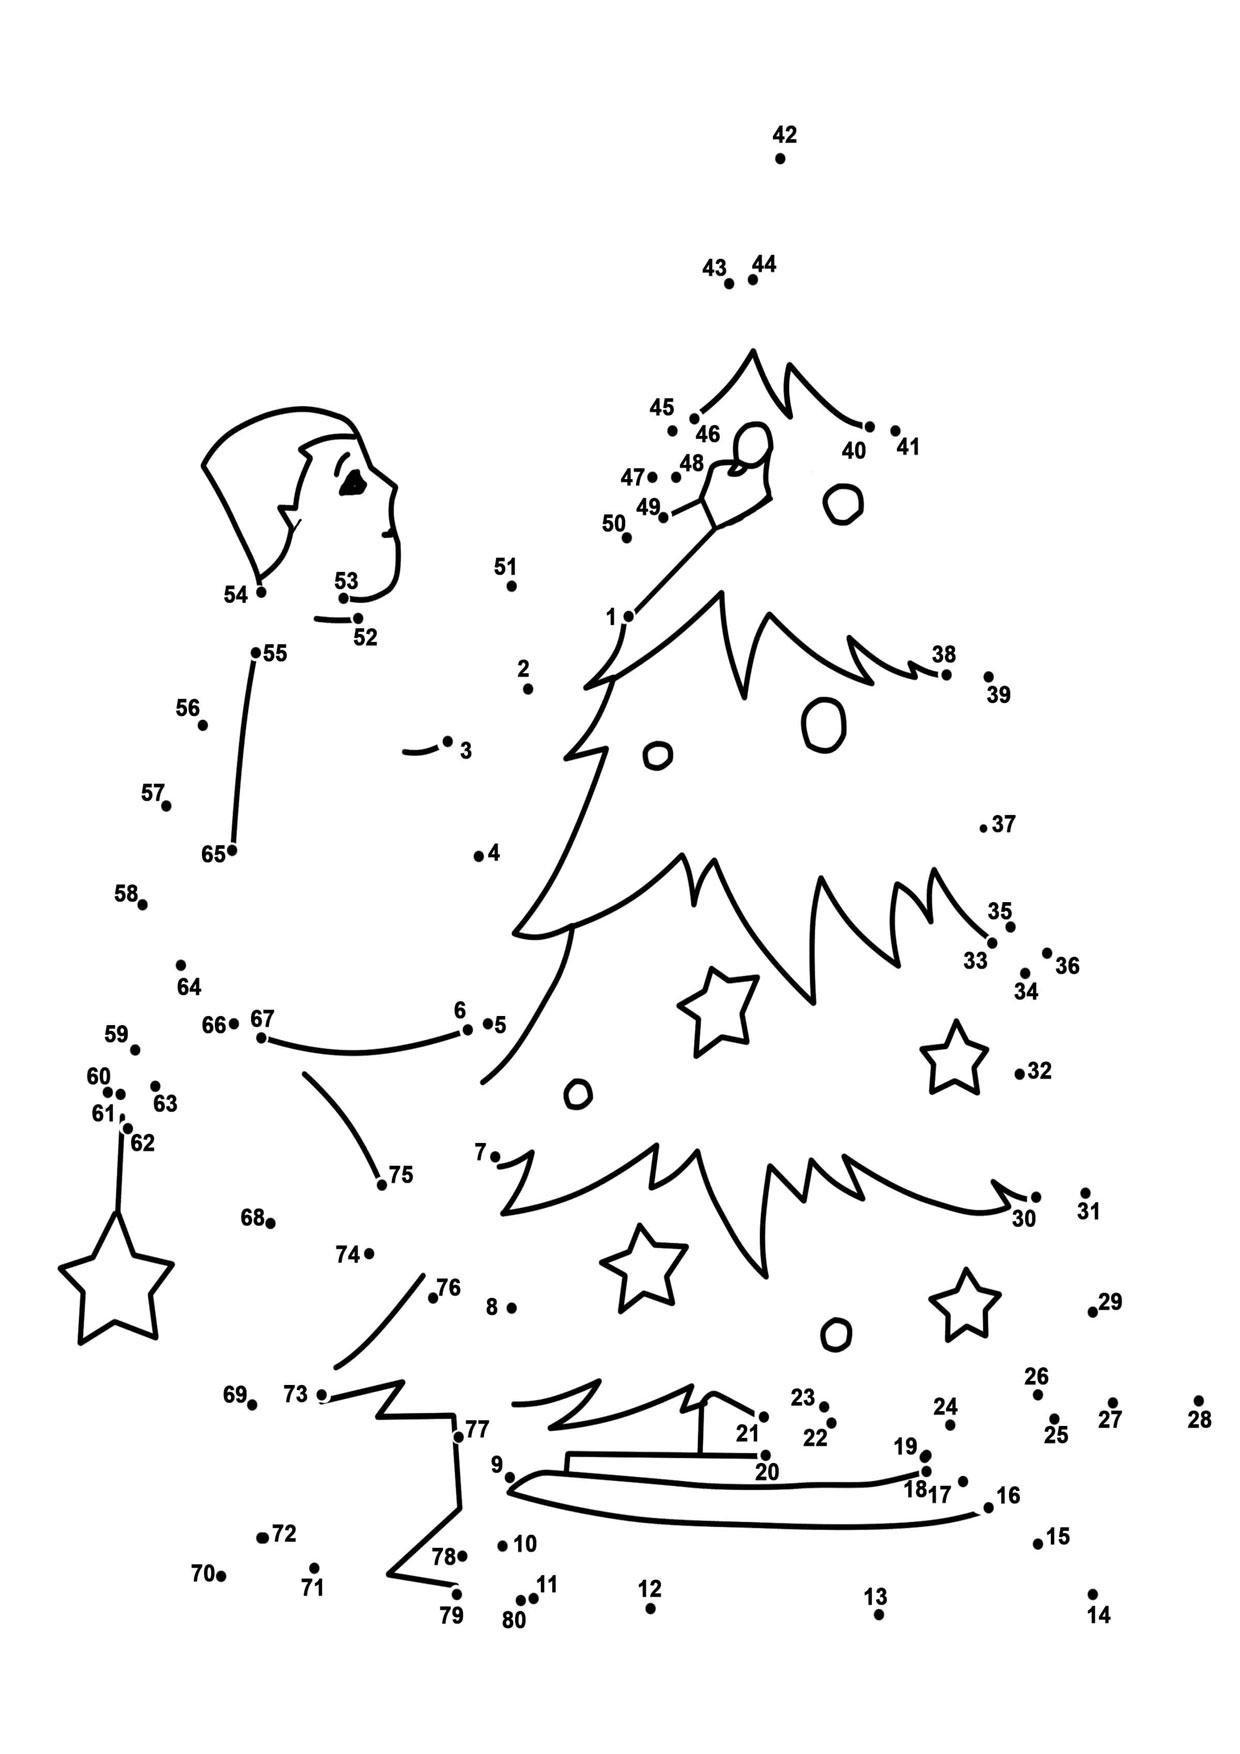 Unisci i puntini albero di Natale 1-80